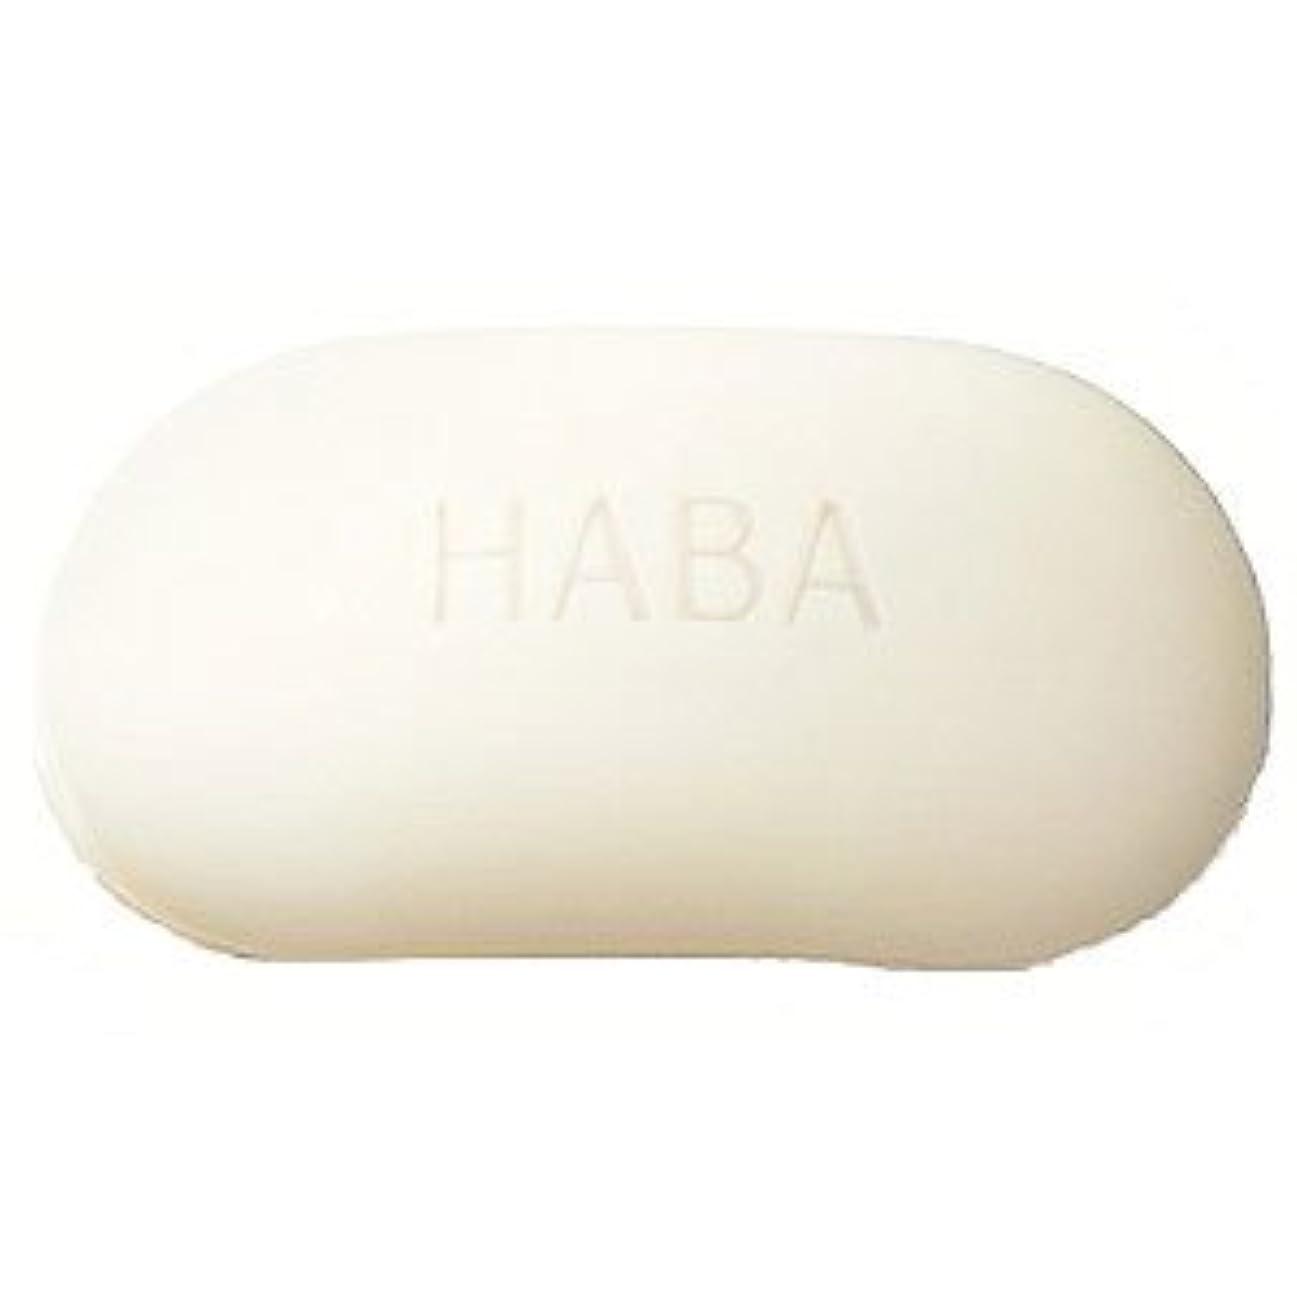 広げるスーダン韓国HABA 絹泡石けん 2個組<HABA/ハーバー(ハーバー研究所)>